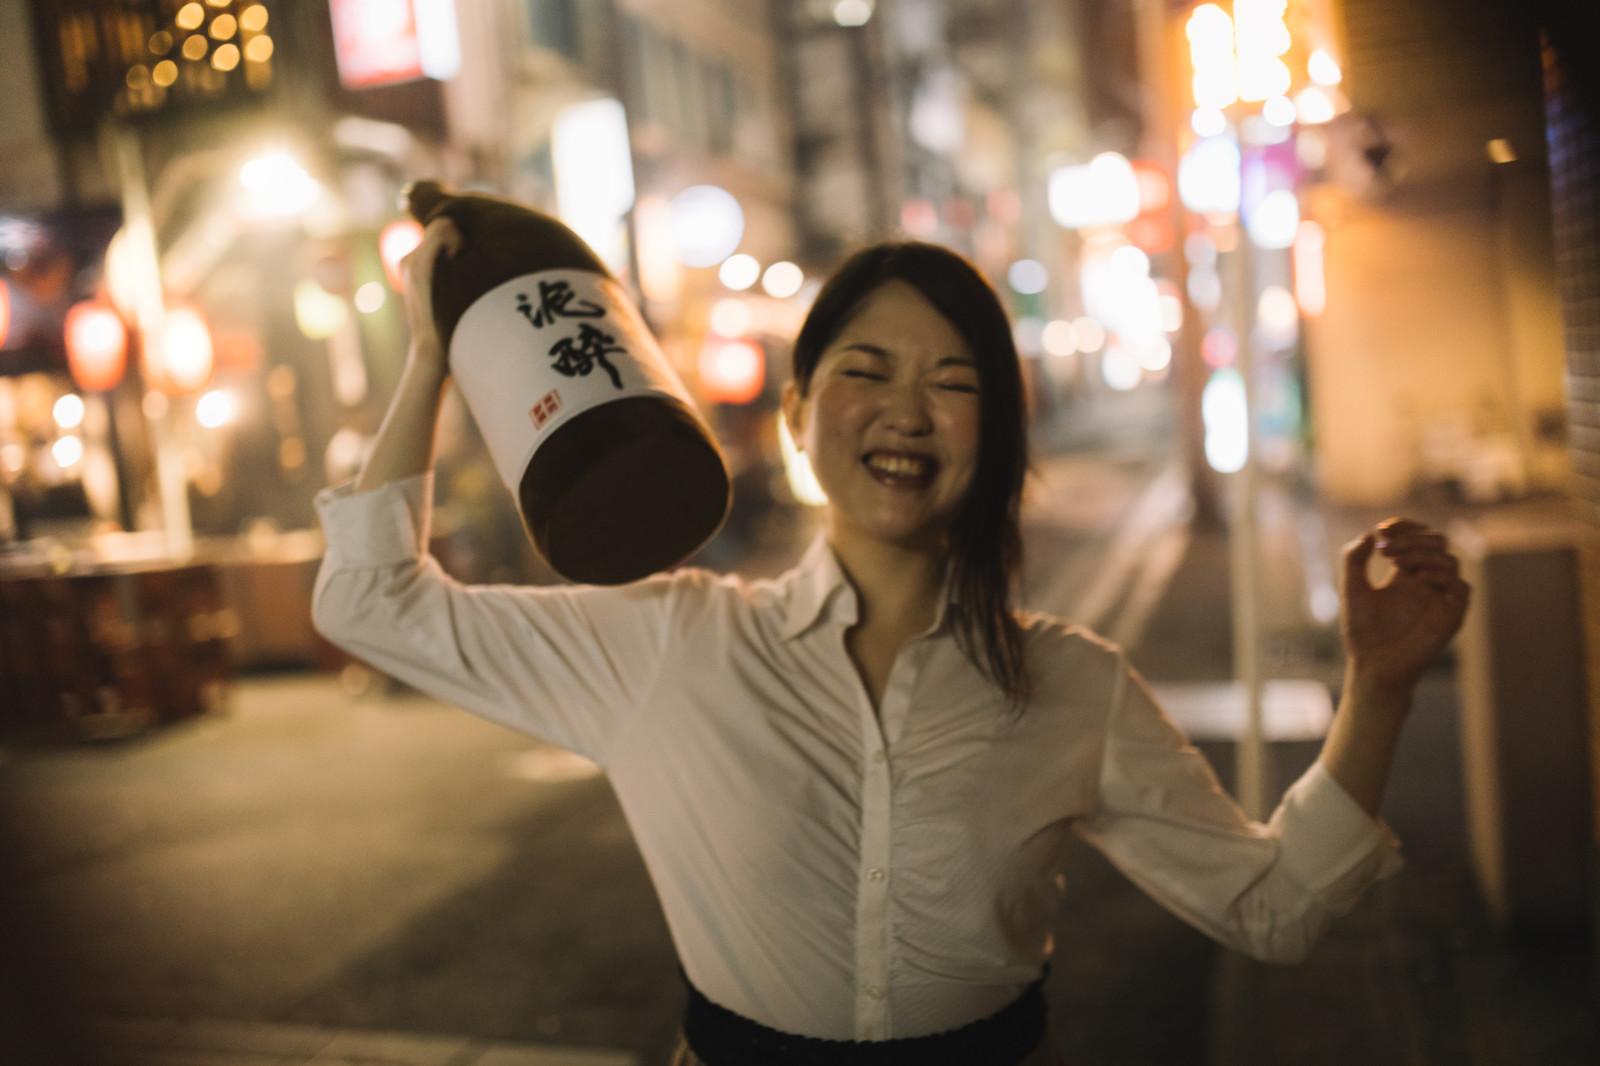 やけ酒の意味とは?やけ酒したくなるときの心理や原因を詳しく紹介!